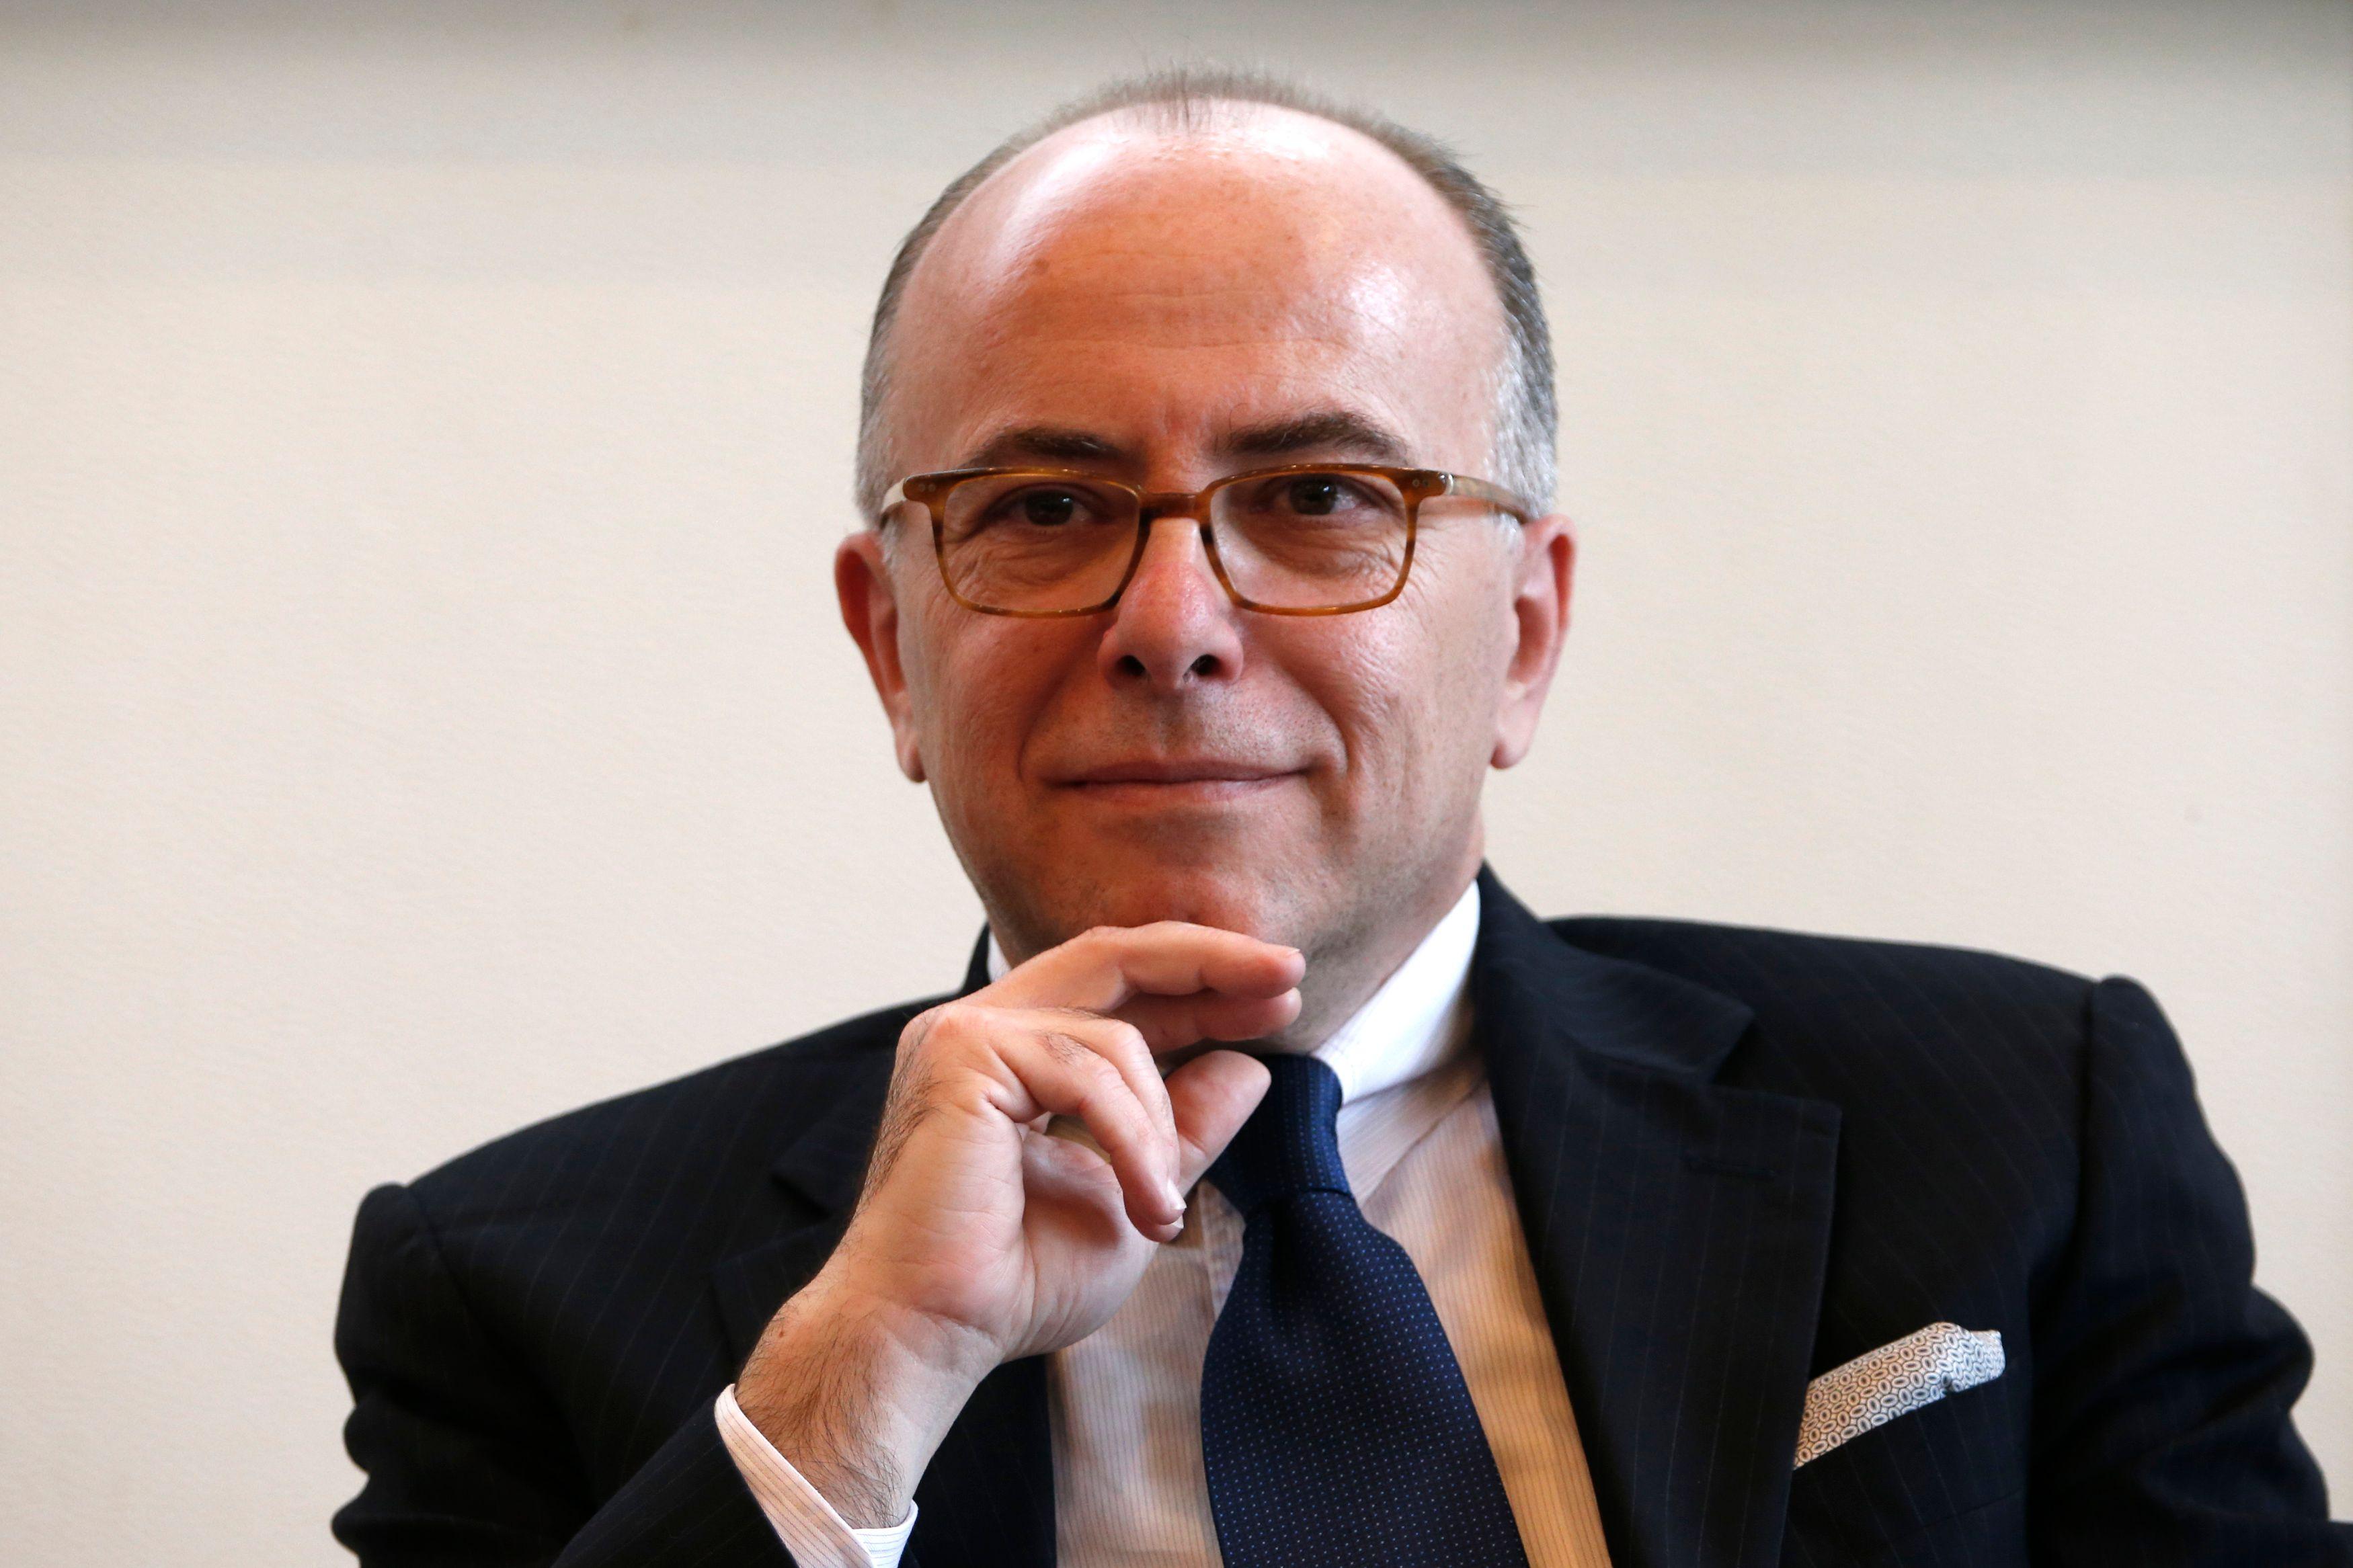 Kléber Arhoul était jusqu'ici préfet délégué pour l'égalité des chances auprès du préfet de la région Nord-Pas-de-Calais.